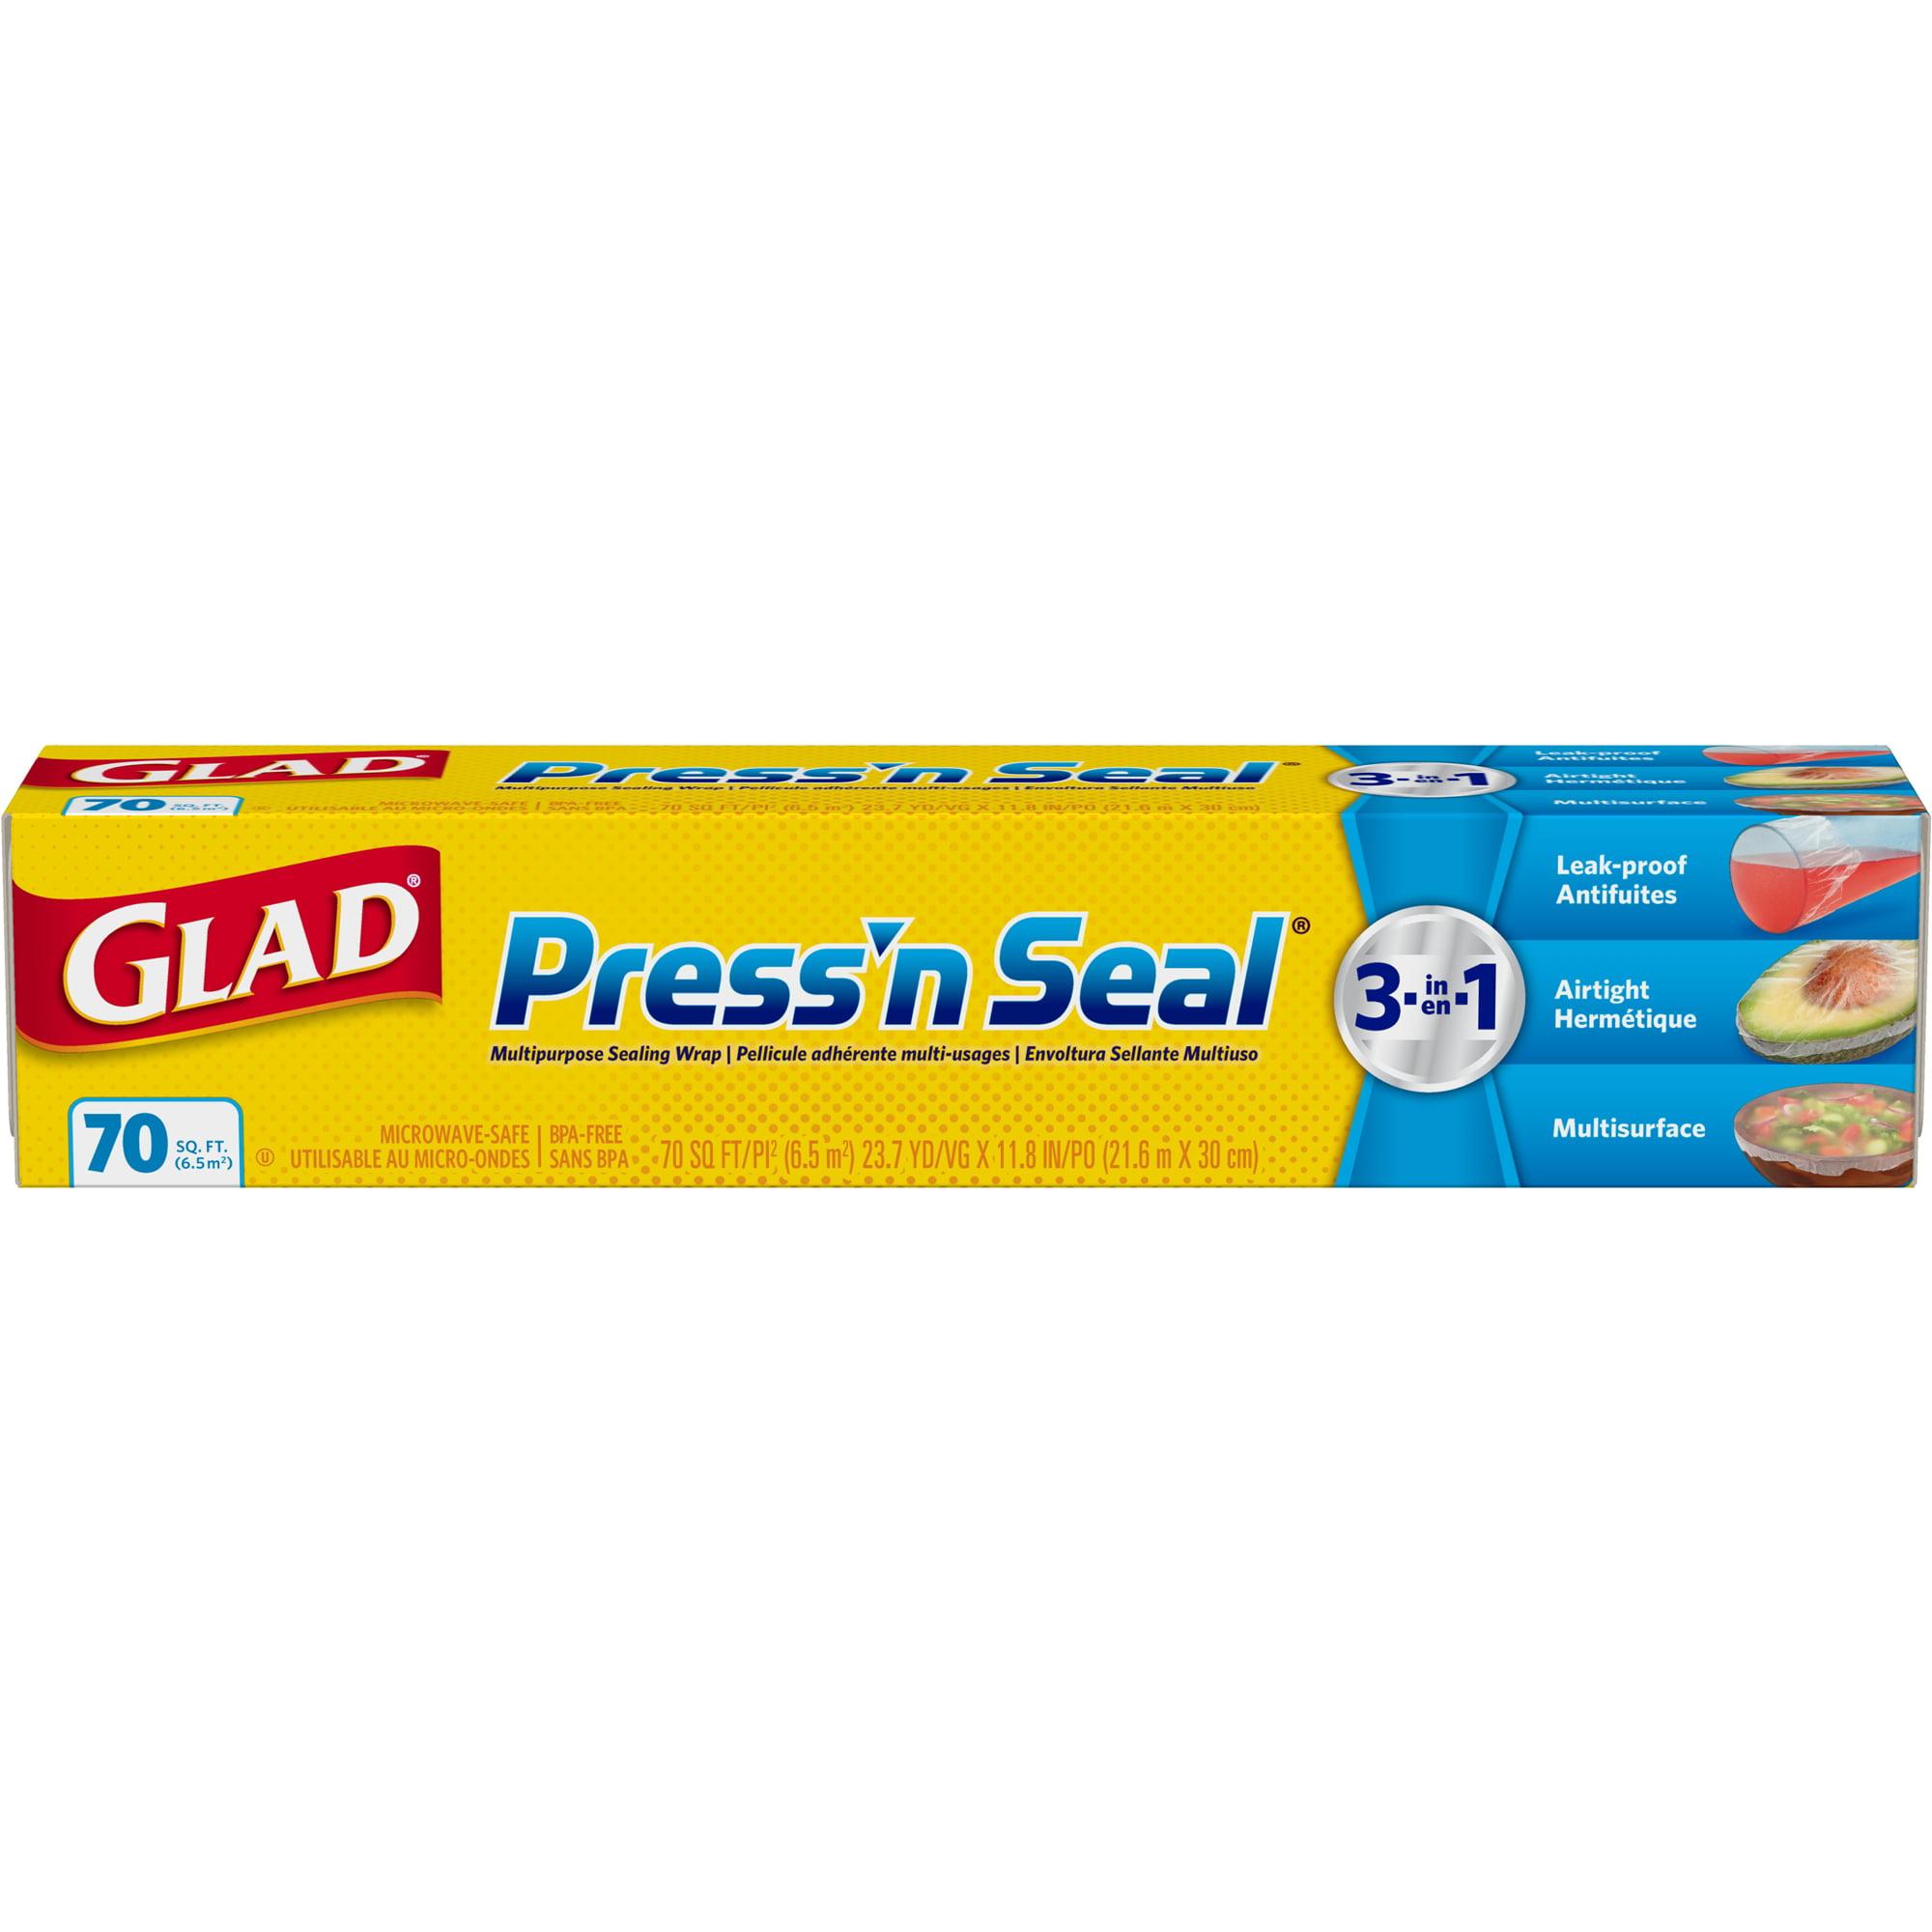 Glad Press'n Seal Plastic Food Wrap - 70 sq ft Roll